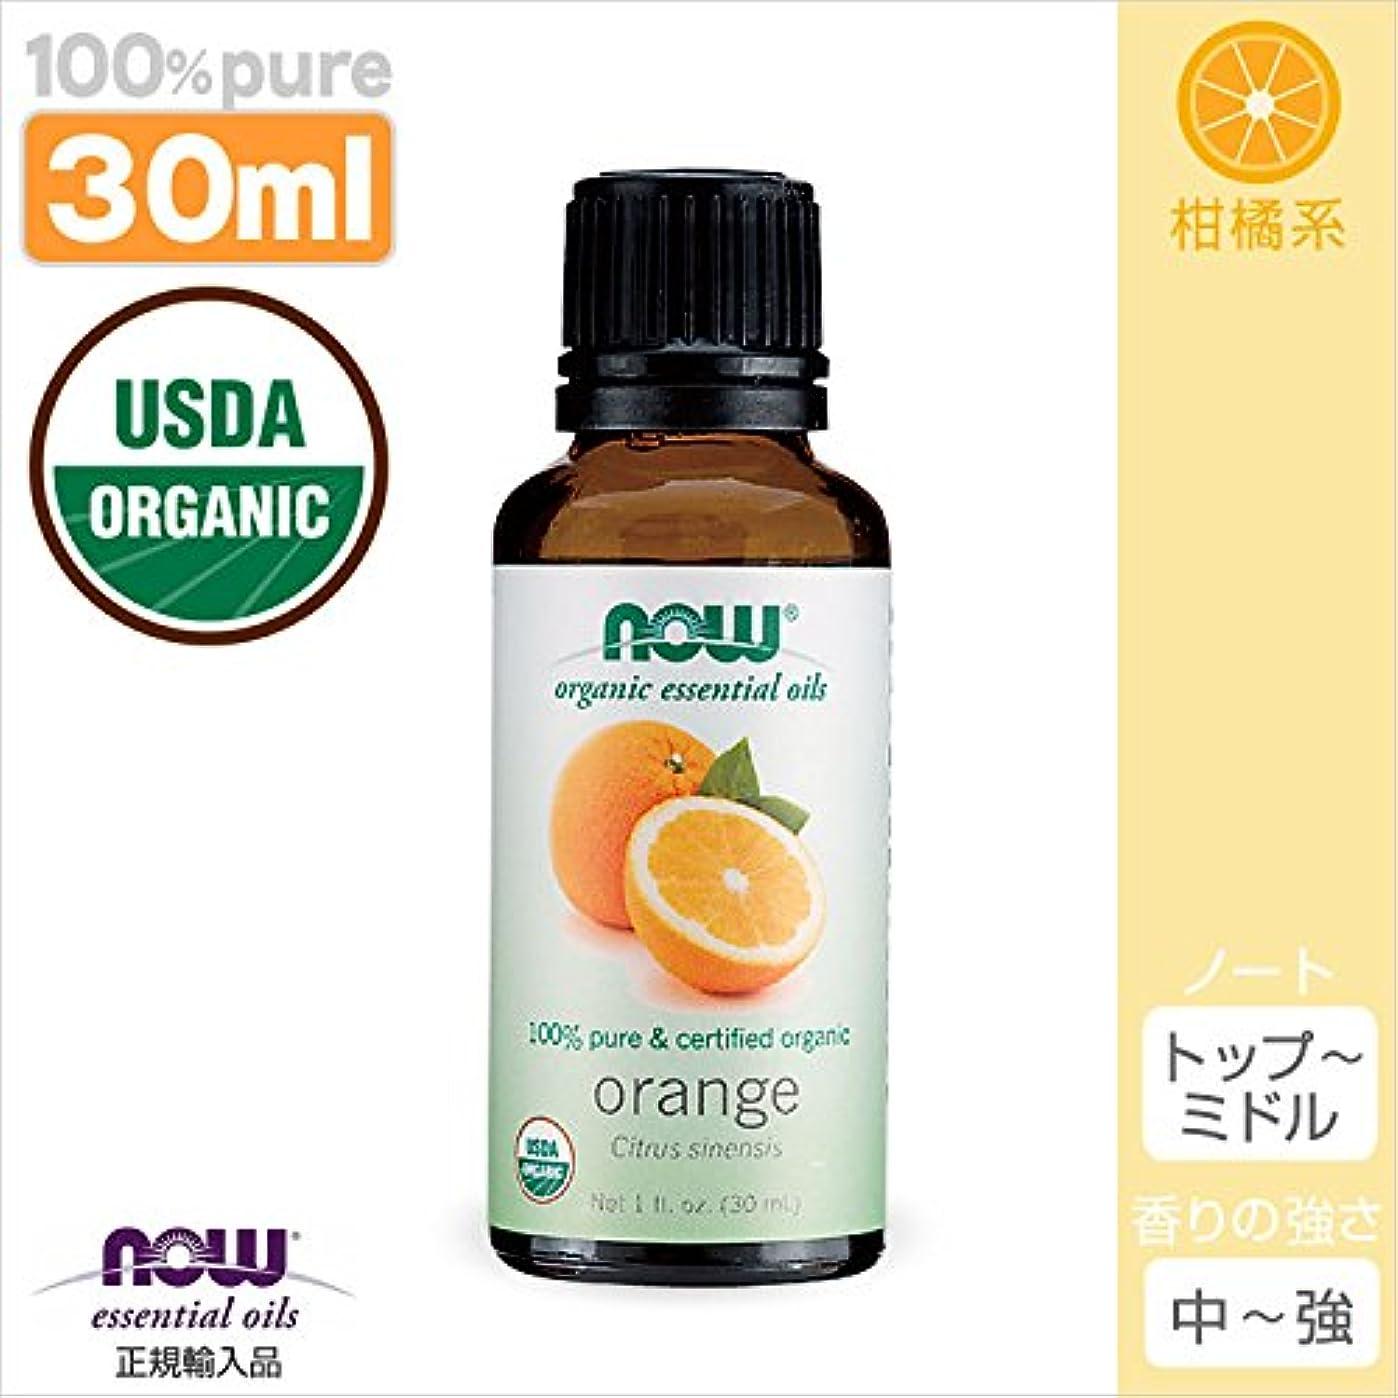 うぬぼれたオプショナル囲いオレンジ精油オーガニック[30ml] 【正規輸入品】 NOWエッセンシャルオイル(アロマオイル)